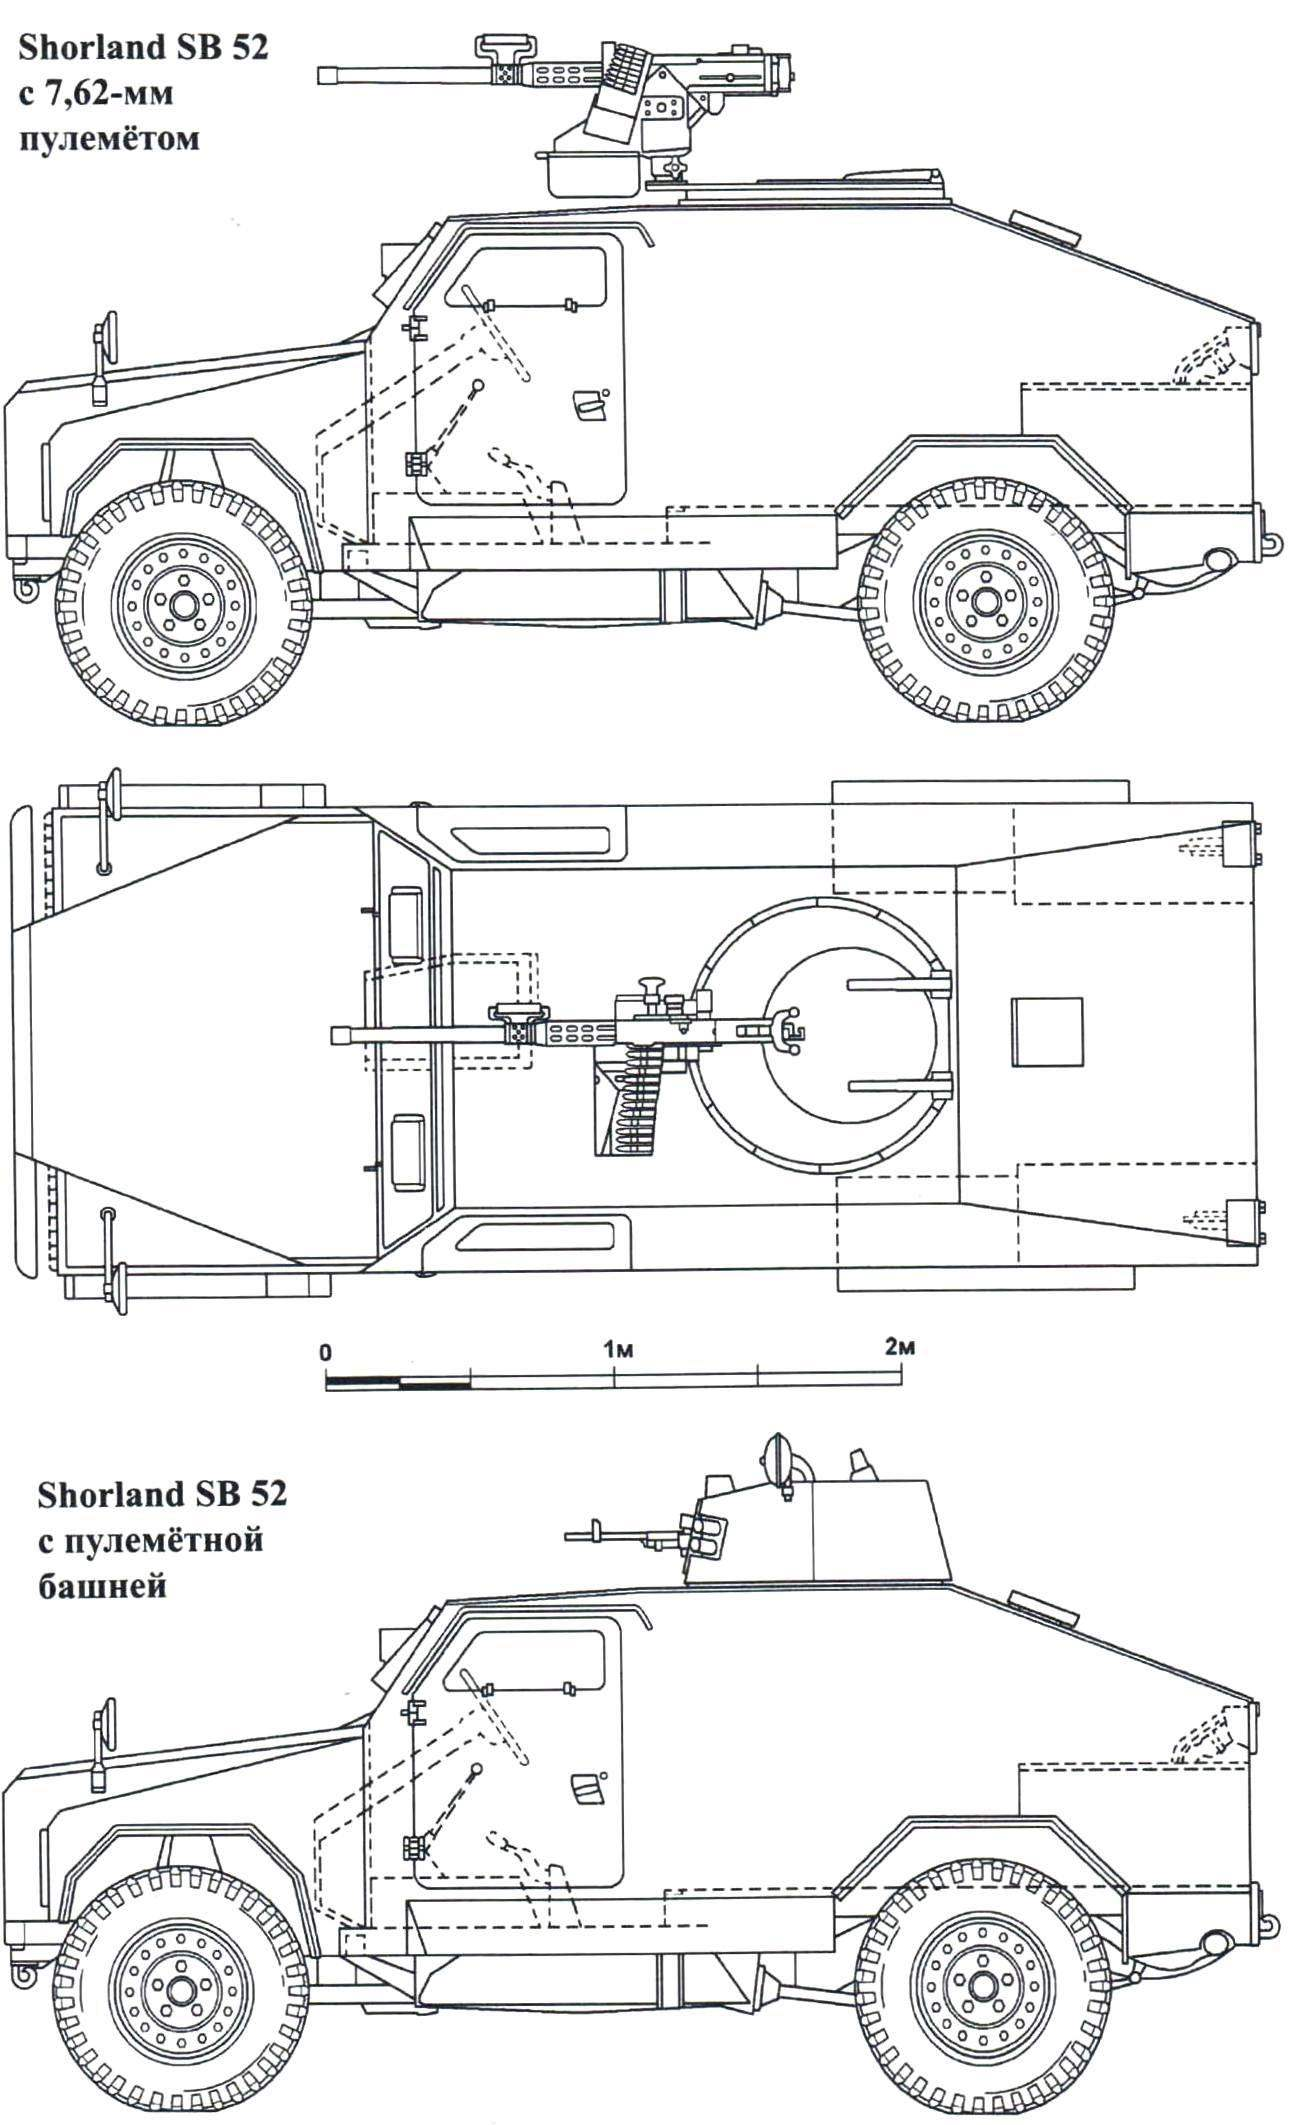 Shorland SB 52